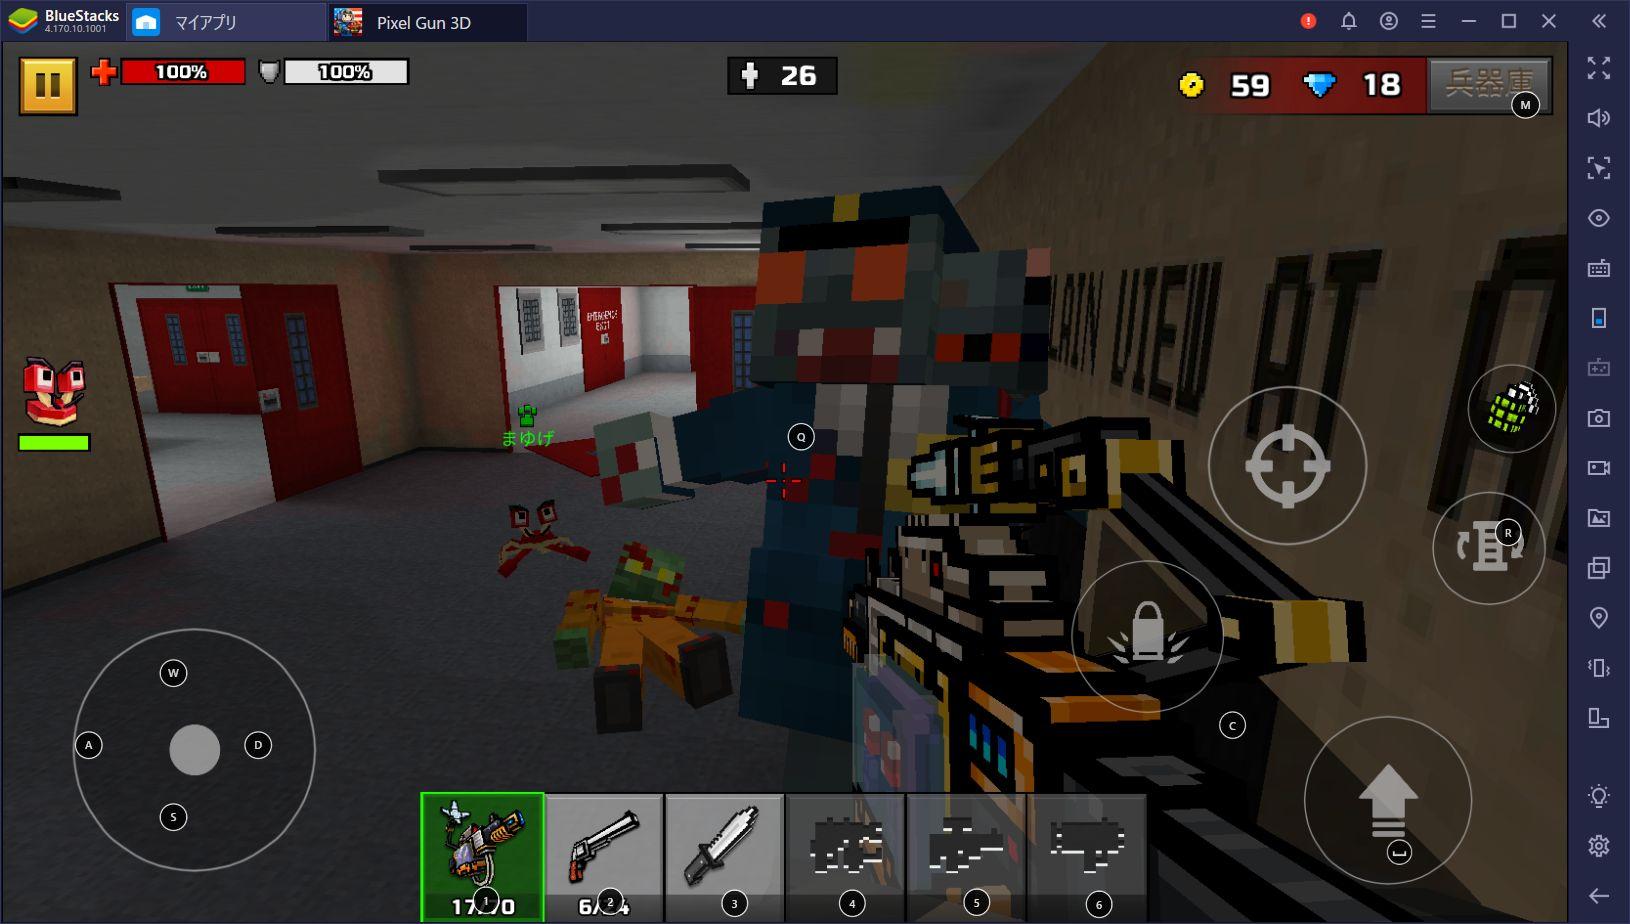 BlueStacksを使ってPCで『ピクセルガン3D。 (Pixel Gun 3D)』を遊ぼう